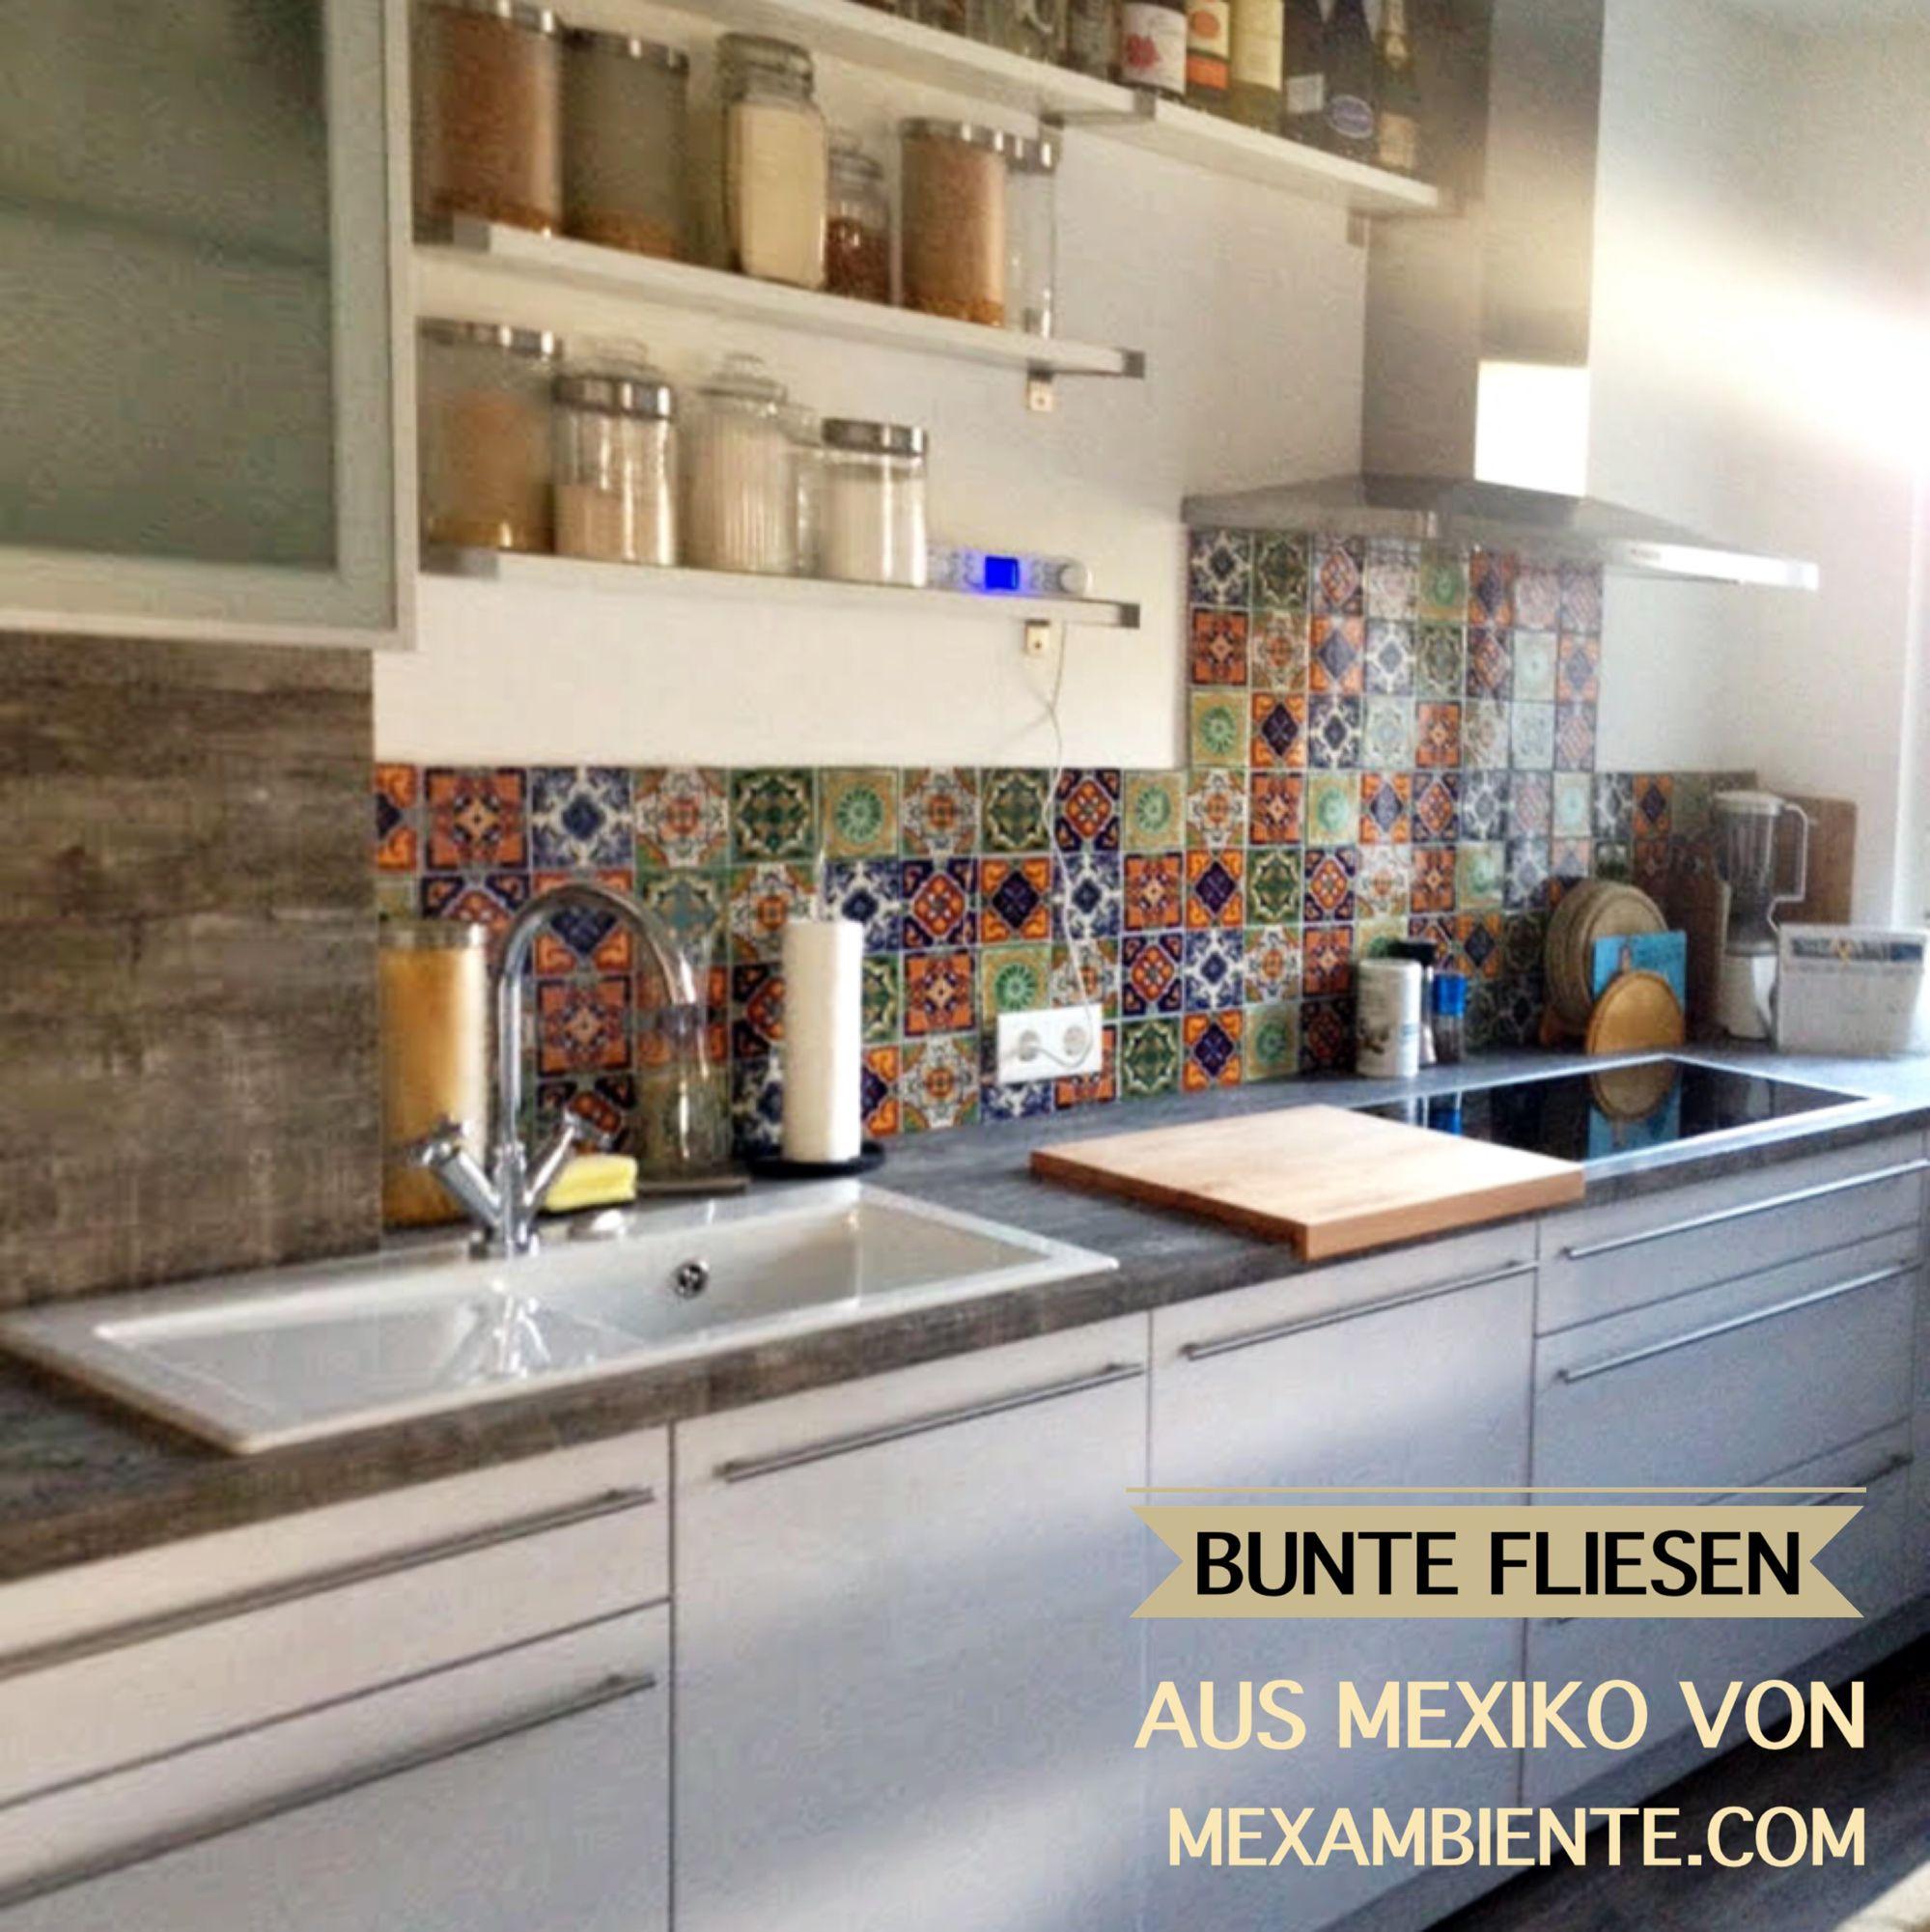 Full Size of Küchen Fliesenspiegel Bunte Fliesen Fr Kche Mexikanische Mit Muster Küche Glas Selber Machen Regal Wohnzimmer Küchen Fliesenspiegel